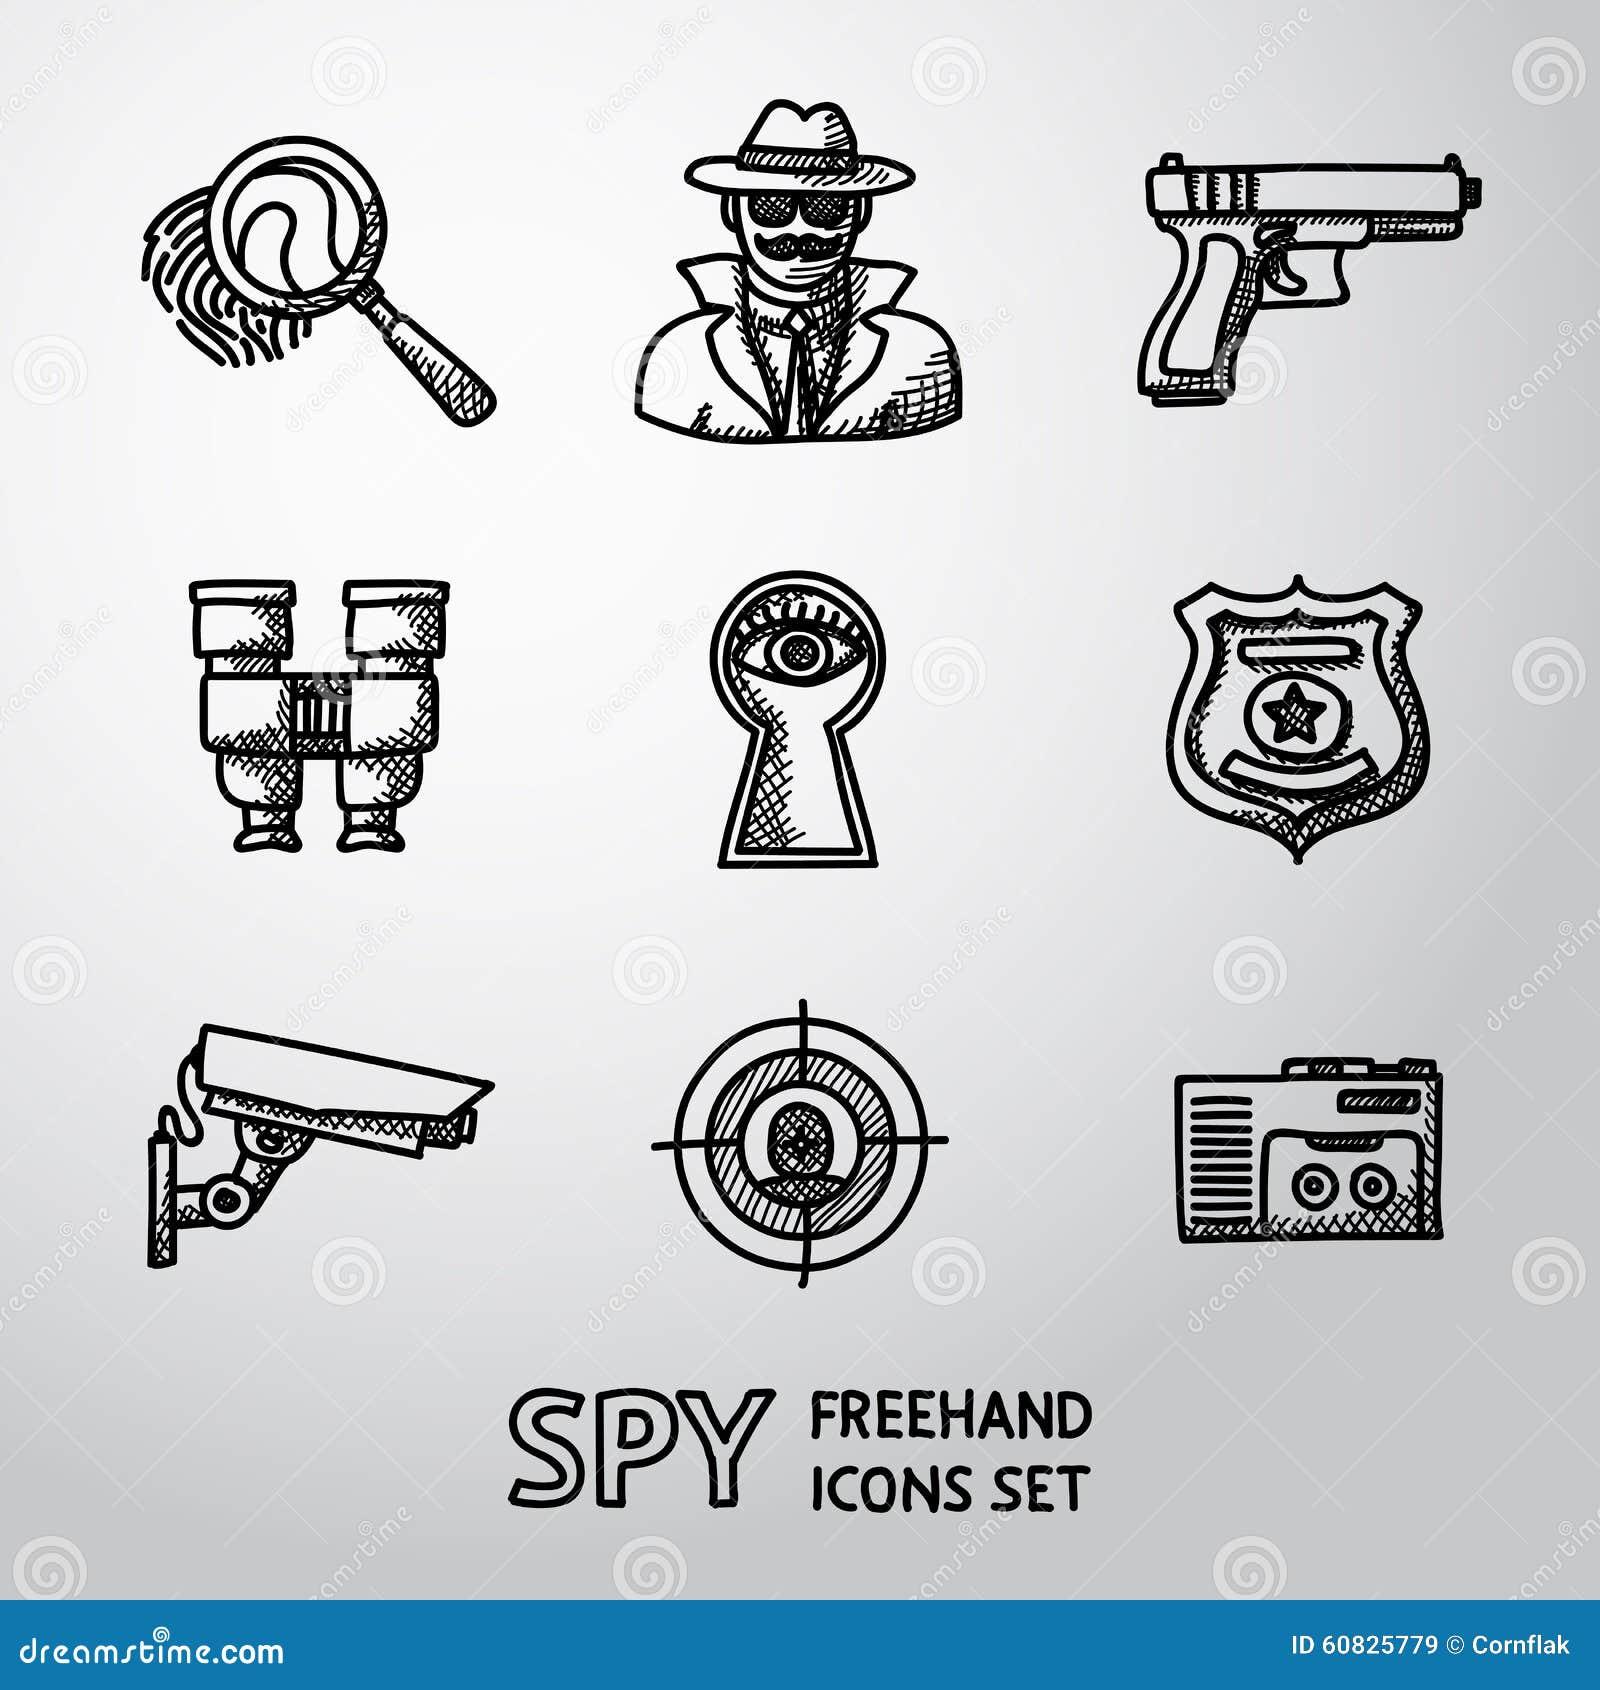 Sistema de iconos handdrawn del espía - huella dactilar, espía, arma